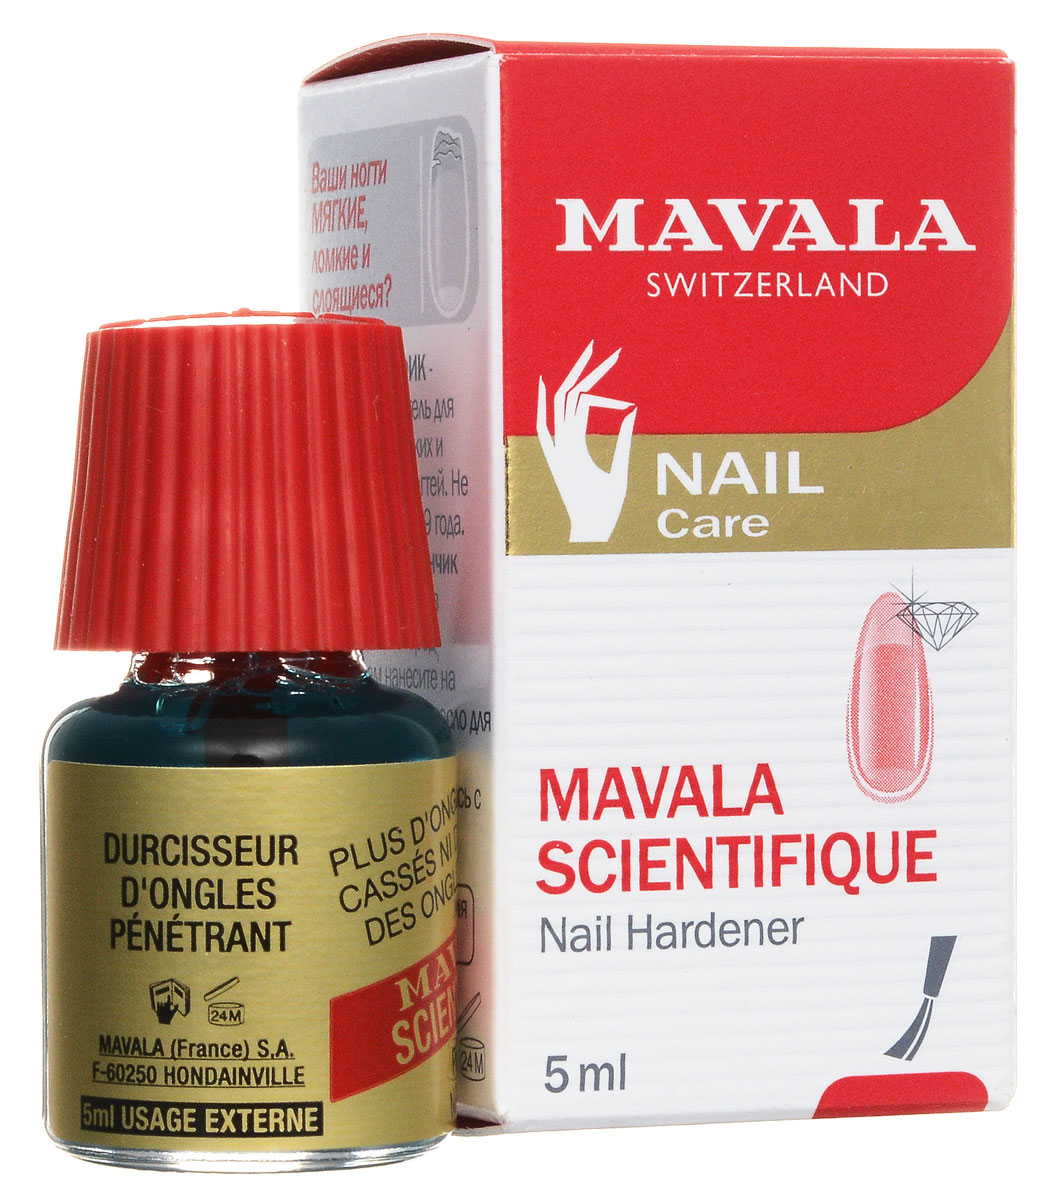 Mavala Средство для ногтей Scientifique, укрепляющее, с проникающим эффектом, 5 мл14-098Средство для ногтей Mavala Scientifique, с проникающим эффектом, оказывает лечебный проникающий эффект за счет склеивания слоев ногтевой пластины. Эффективно укрепляет мягкие, слоящиеся ногти, предотвращает расслаивание, делает ногтевую пластину твердой, восстанавливает нормальный рост ногтя. Применяется 1 или 2 раза в неделю. Флакон объемом 5 мл рассчитан на 1 год. Программа применения: 1 раз в неделю на протяжении первого месяца. 1 раз в две недели на протяжении второго месяца. 1-2 раза в месяц для профилактики или по необходимости.Не рекомендовано наносить под ноготь, на кутикулу или на кожу, чтобы избежать затвердения эпидермиса.Товар сертифицирован.